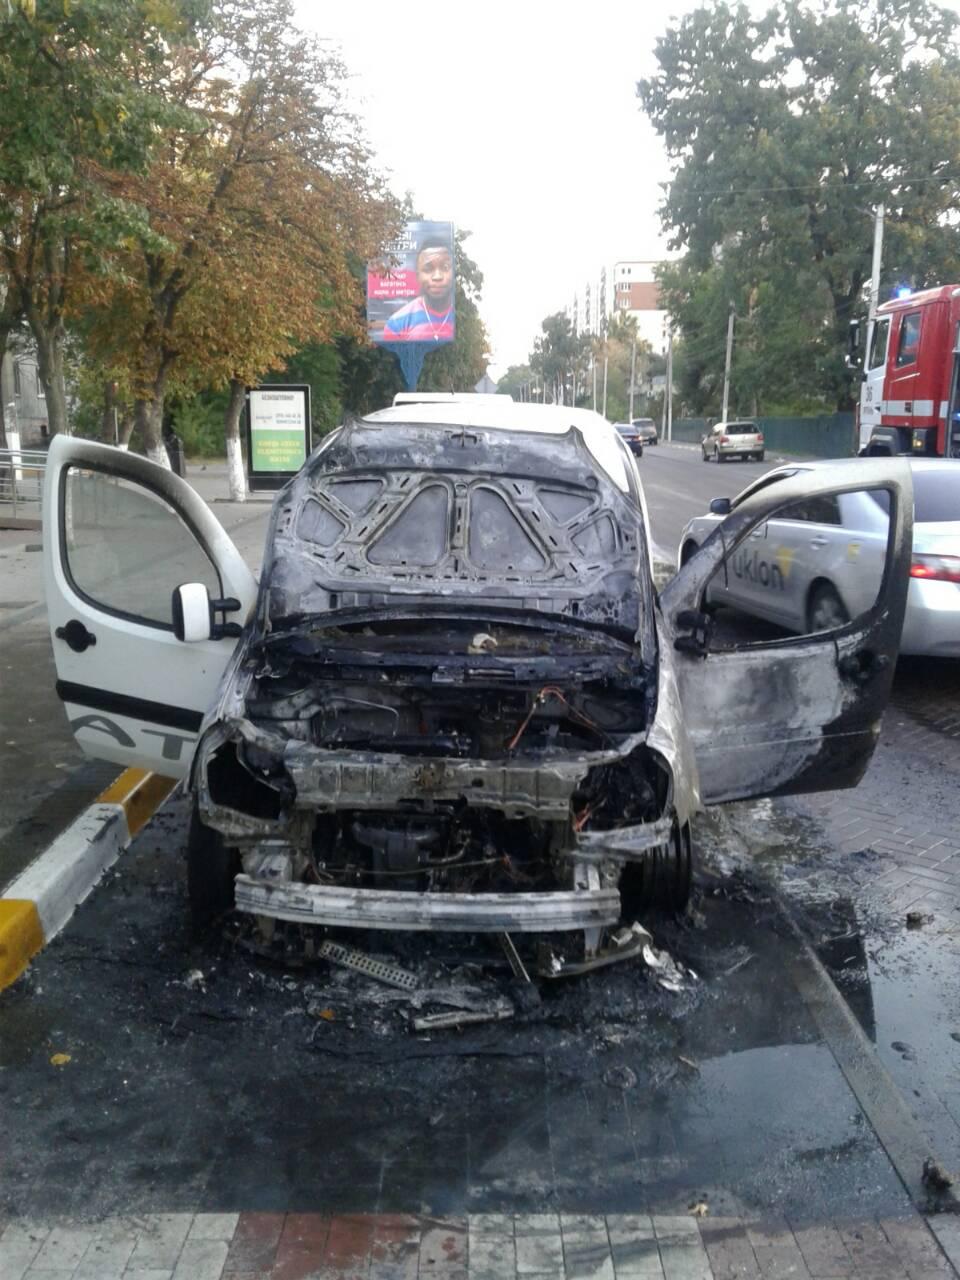 В Ірпені горіло авто: знищено моторний відсік і торпедо - рятувальники, Приірпіння, пожежа, київщина, ірпінь, загорання автомобіля, ДСНС України у Київській області - Soborna 0